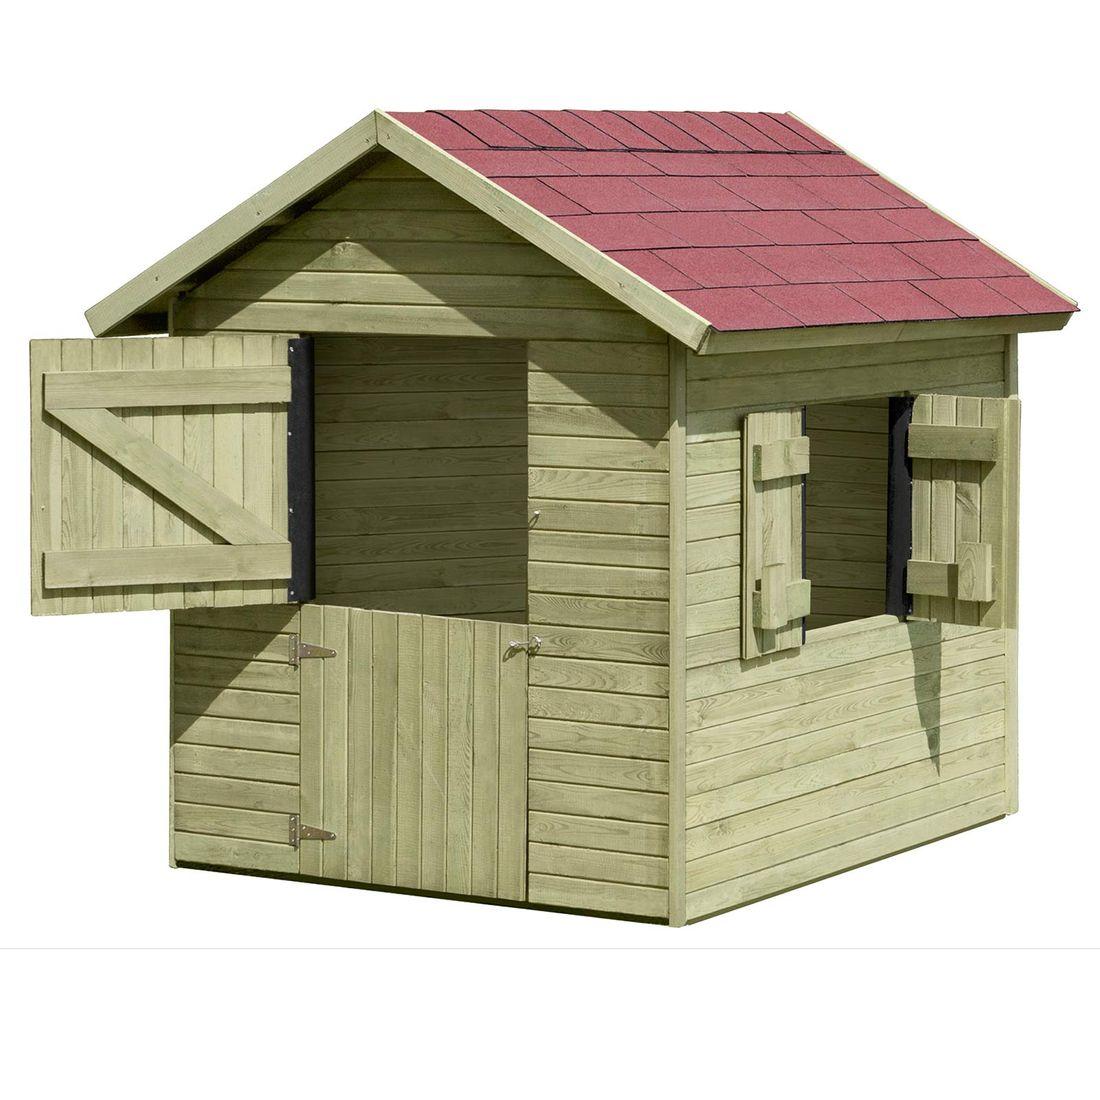 kinder-spielhaus marie aus holz gartenhaus für kinder